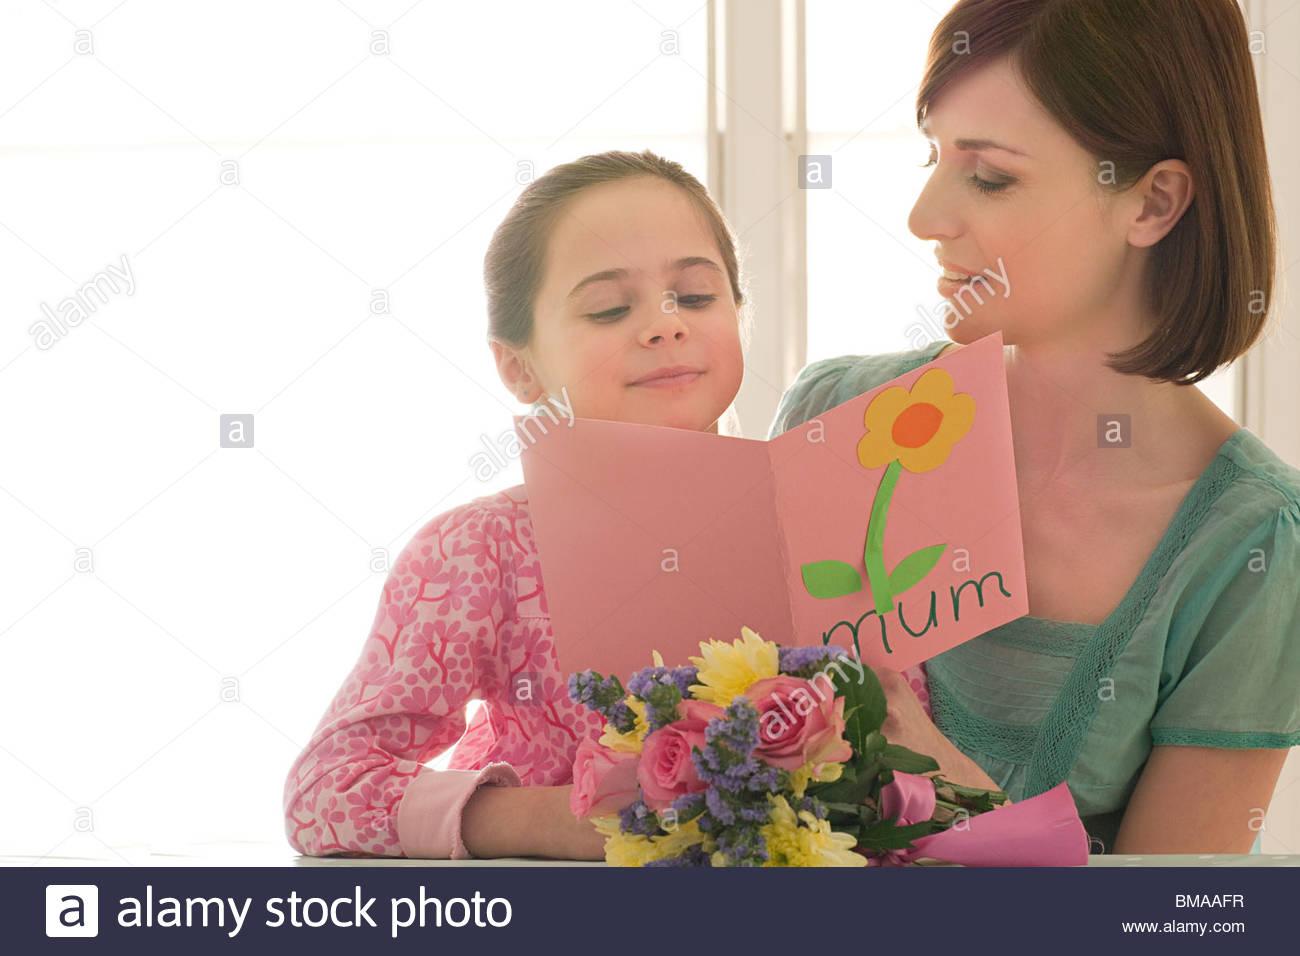 Joven dando mimando Domingo card Imagen De Stock